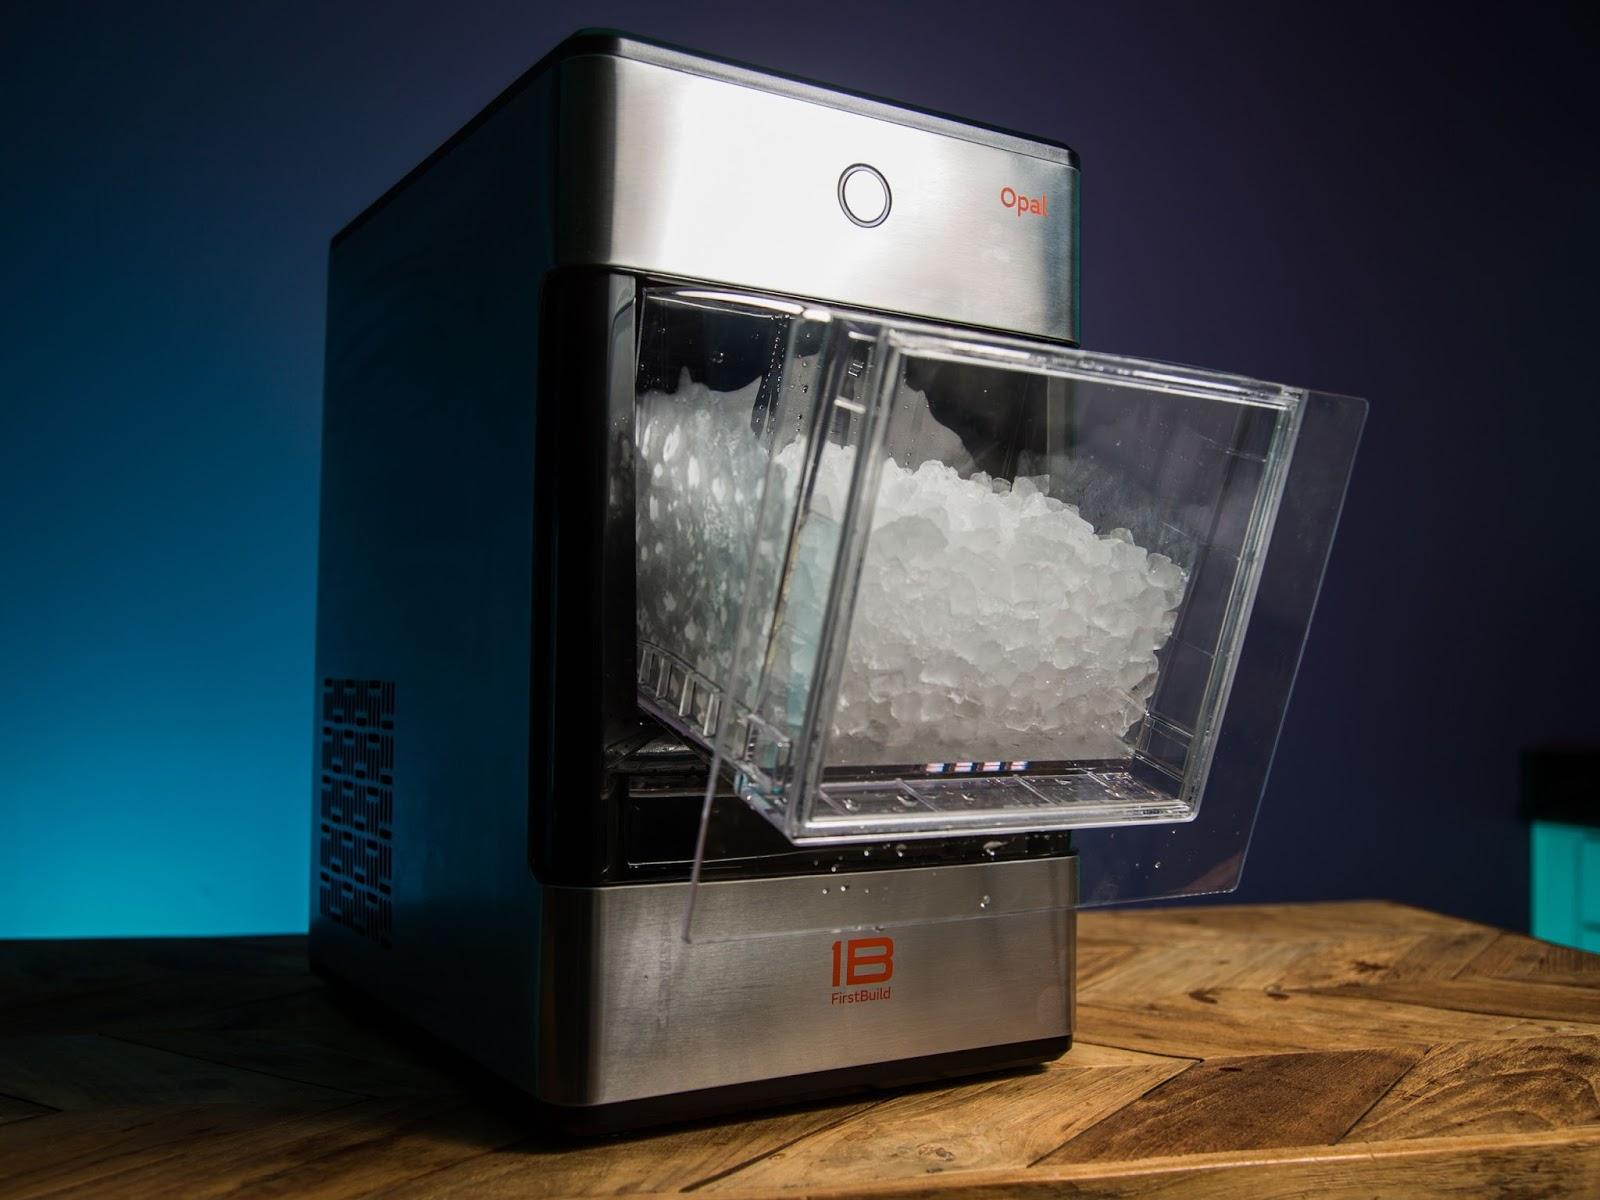 Mini Fridge Ice Maker